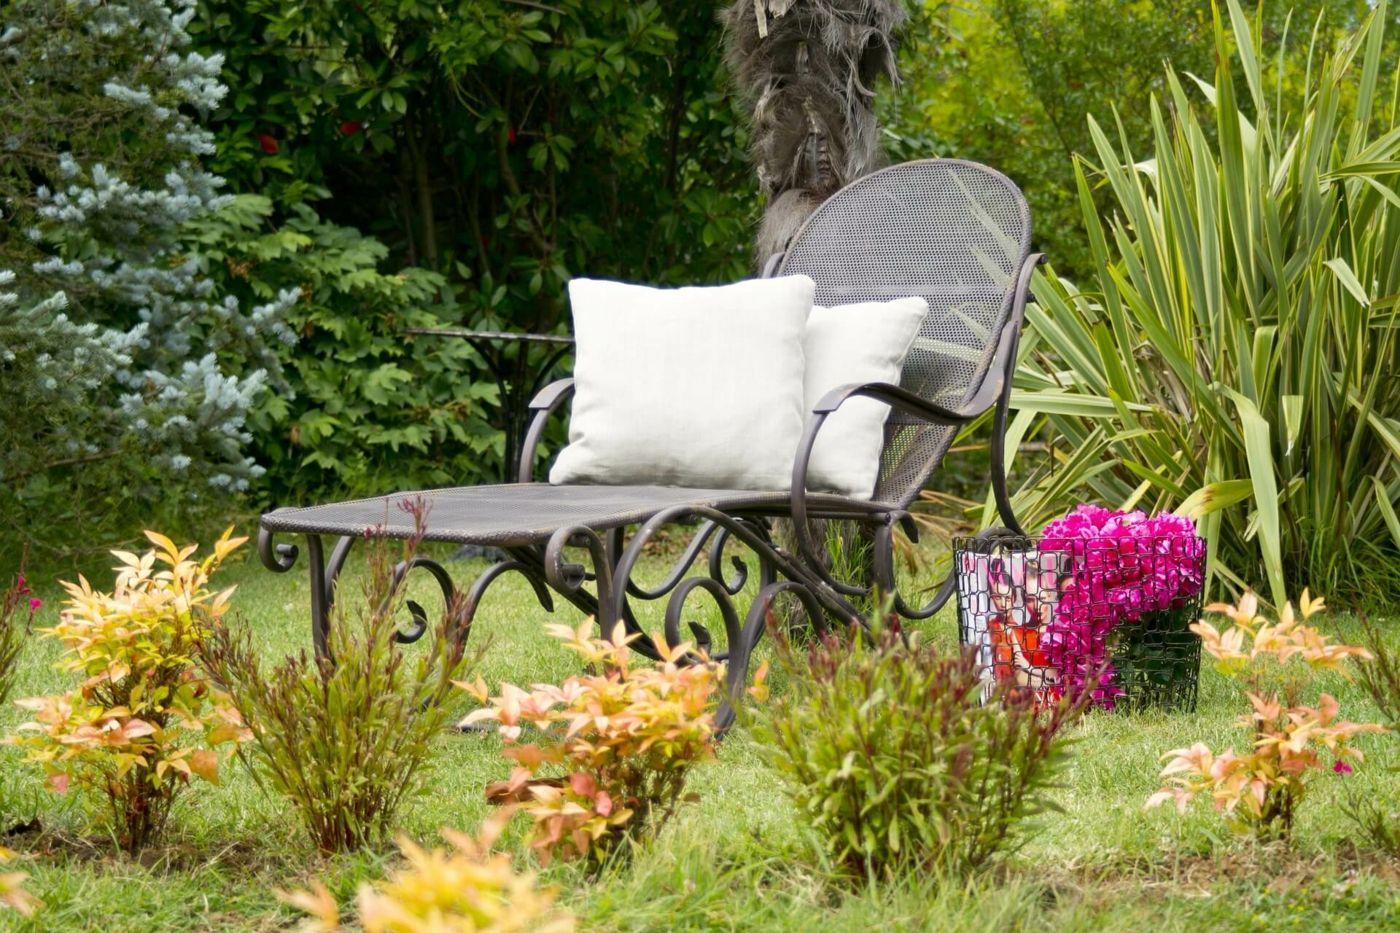 Ein Verwilderter Garten Kann Selbst Neugestaltet Werden Oder Von Profis Vintage Home Decor Outdoor Furniture Sets Home Decor